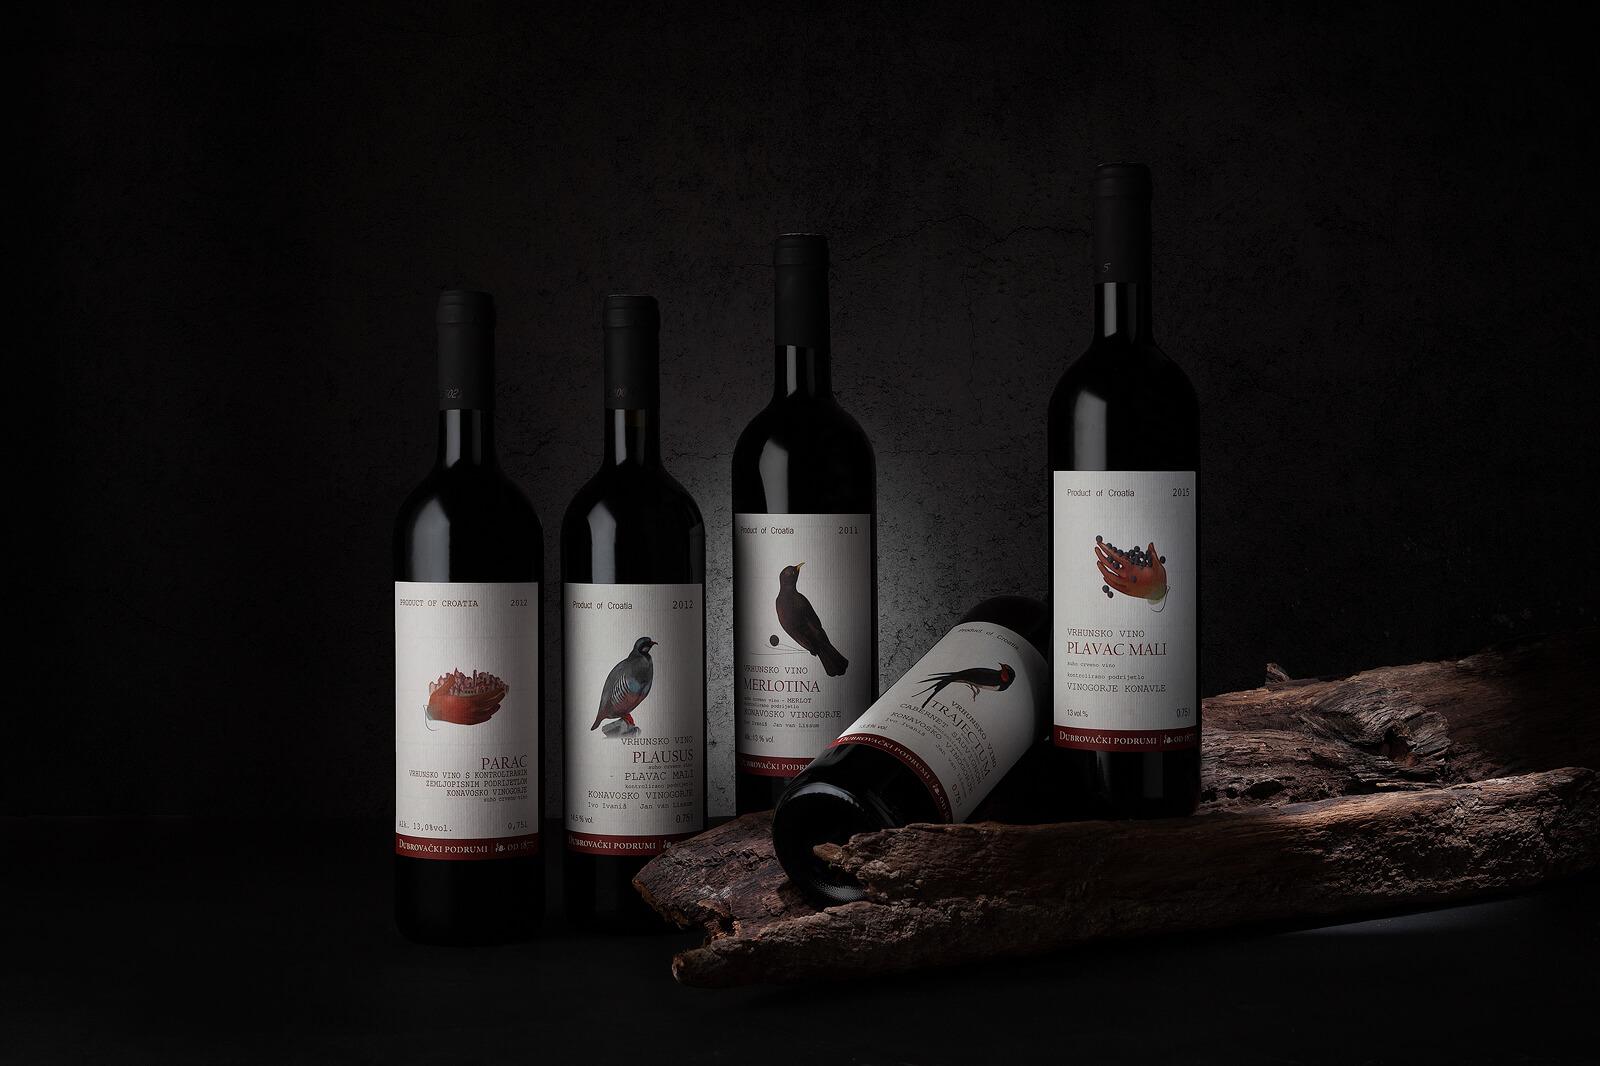 fotografiranje vina